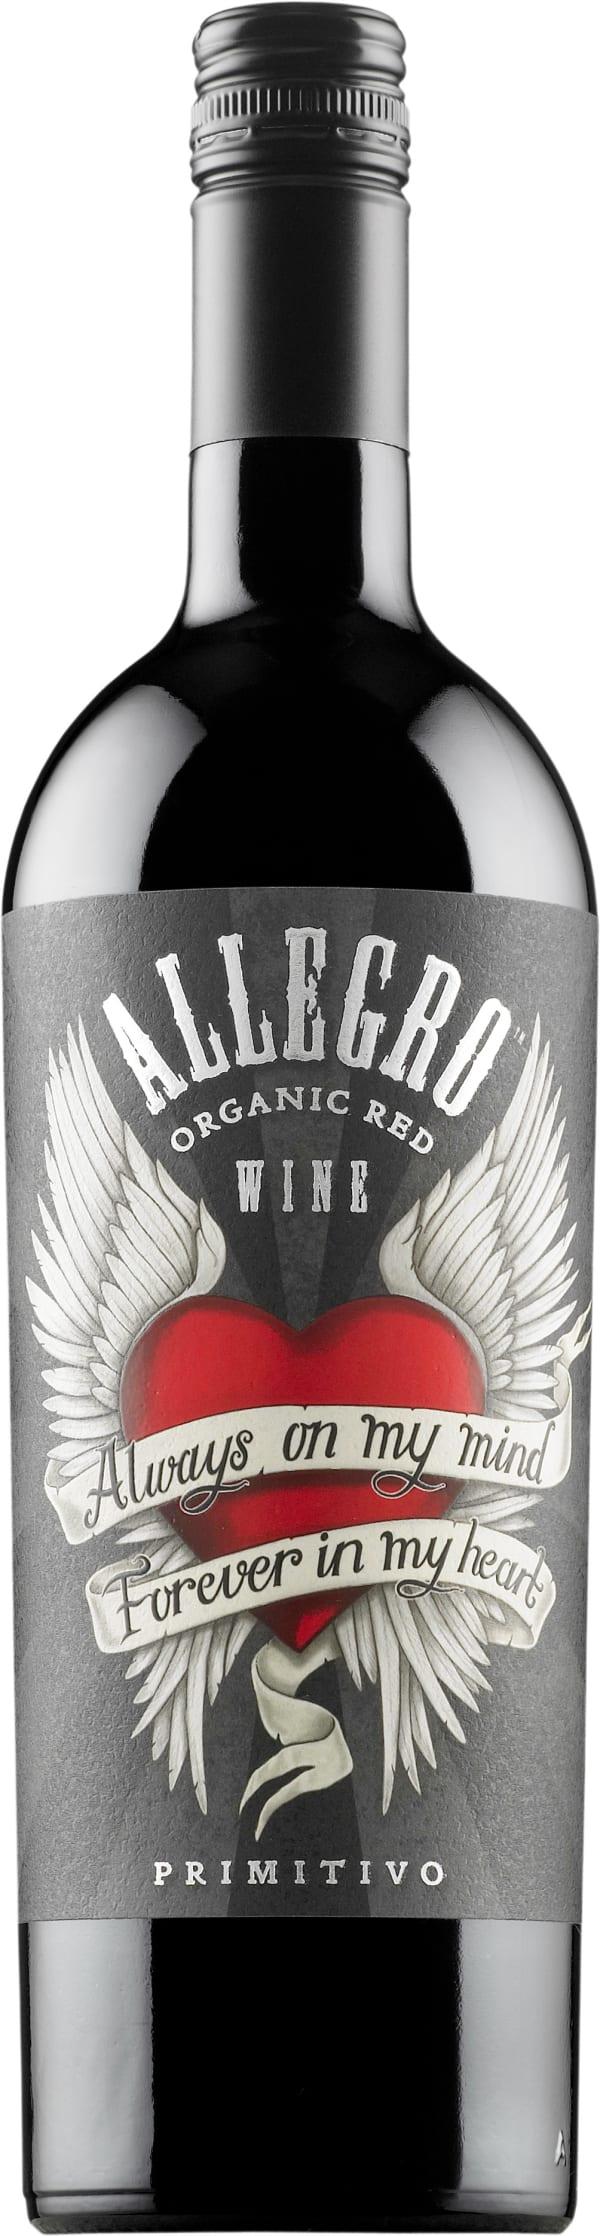 Allegro Organic Primitivo 2019